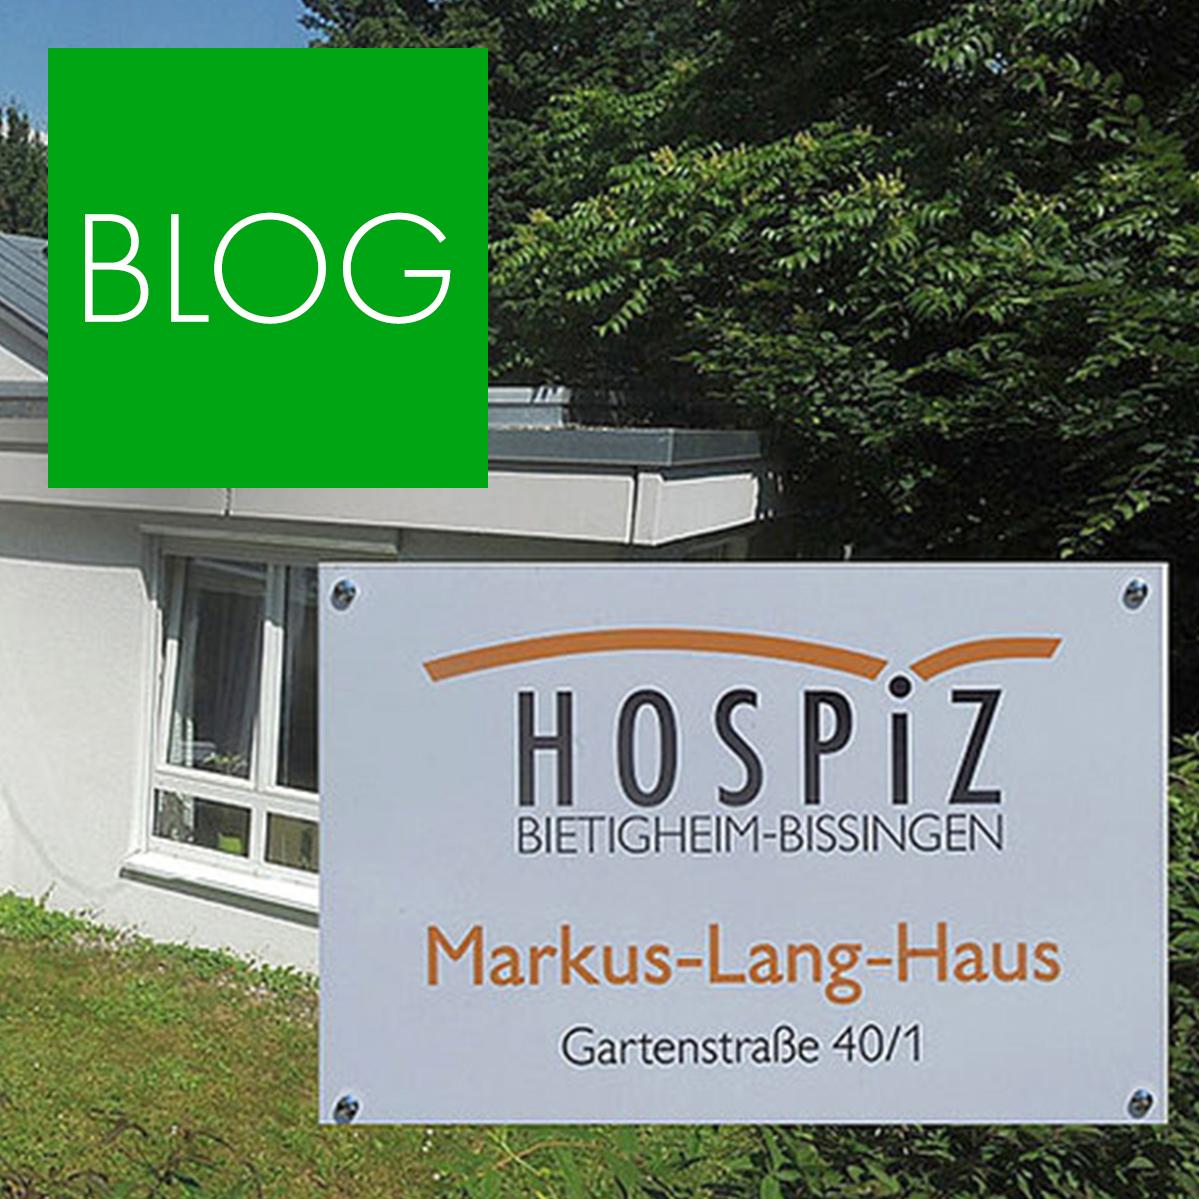 Blogpost: Unser Engagement im Hospiz Bietigheim-Bissingen